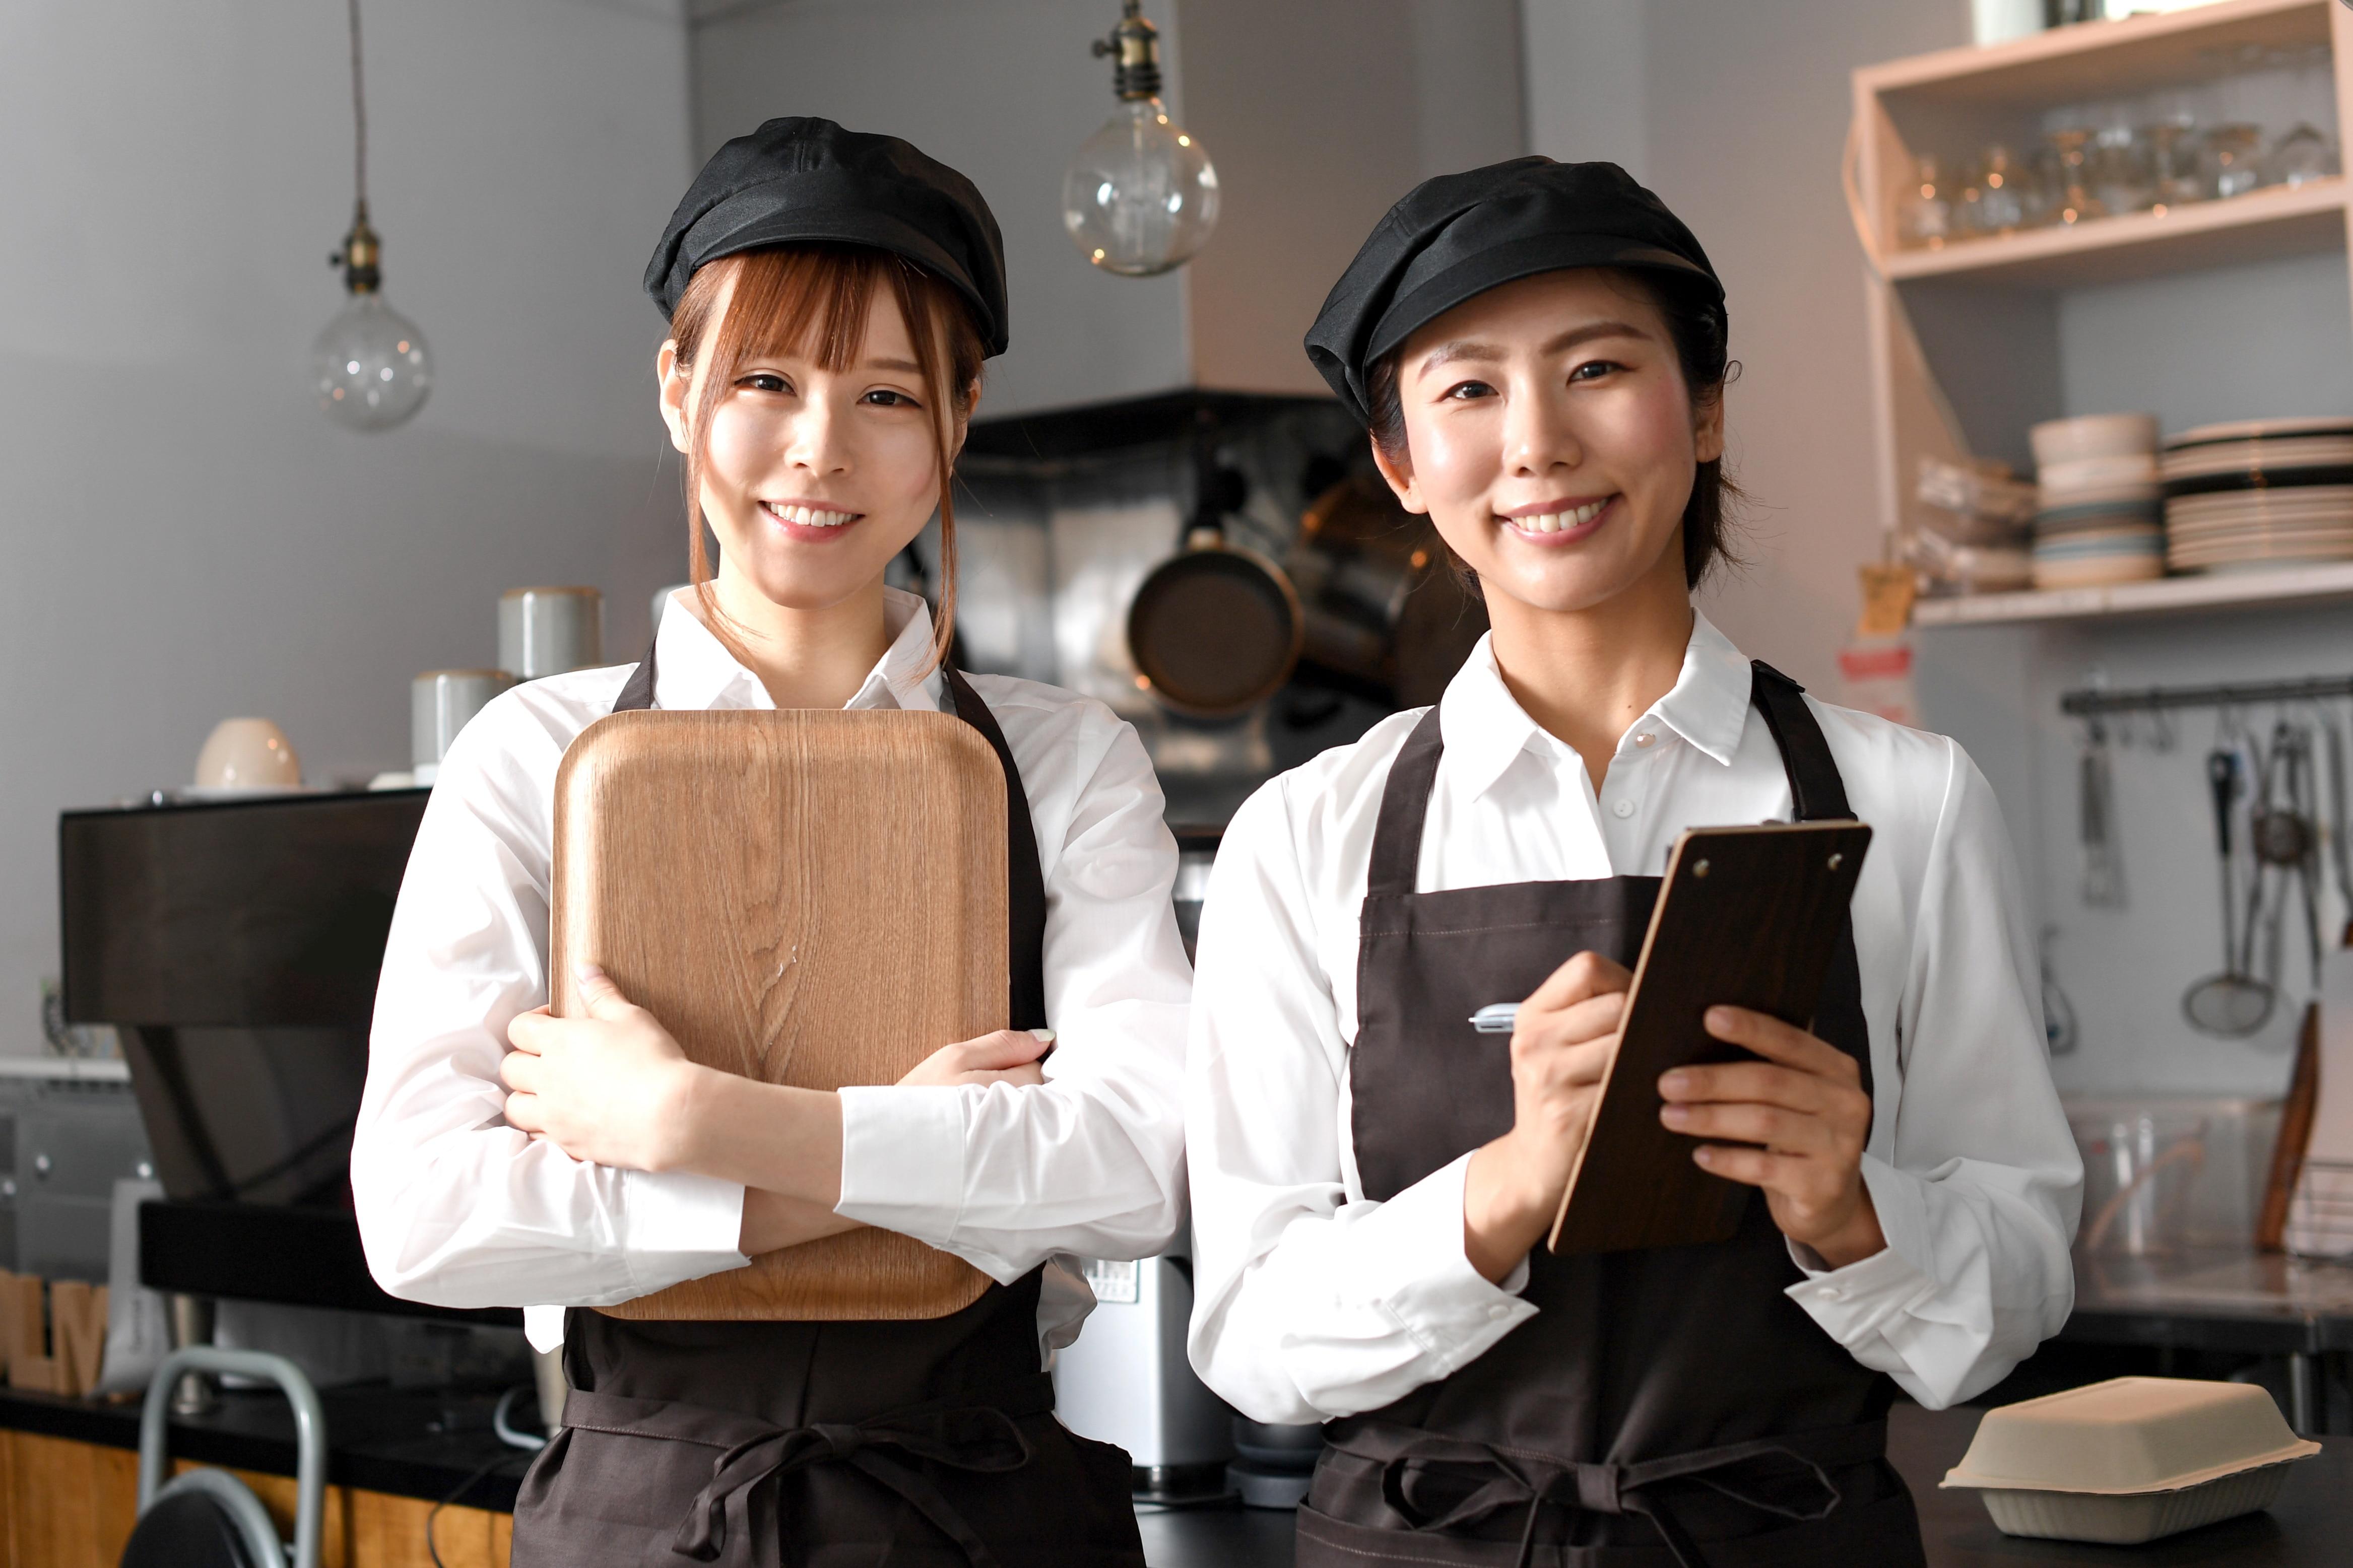 カフェで働く女性たち